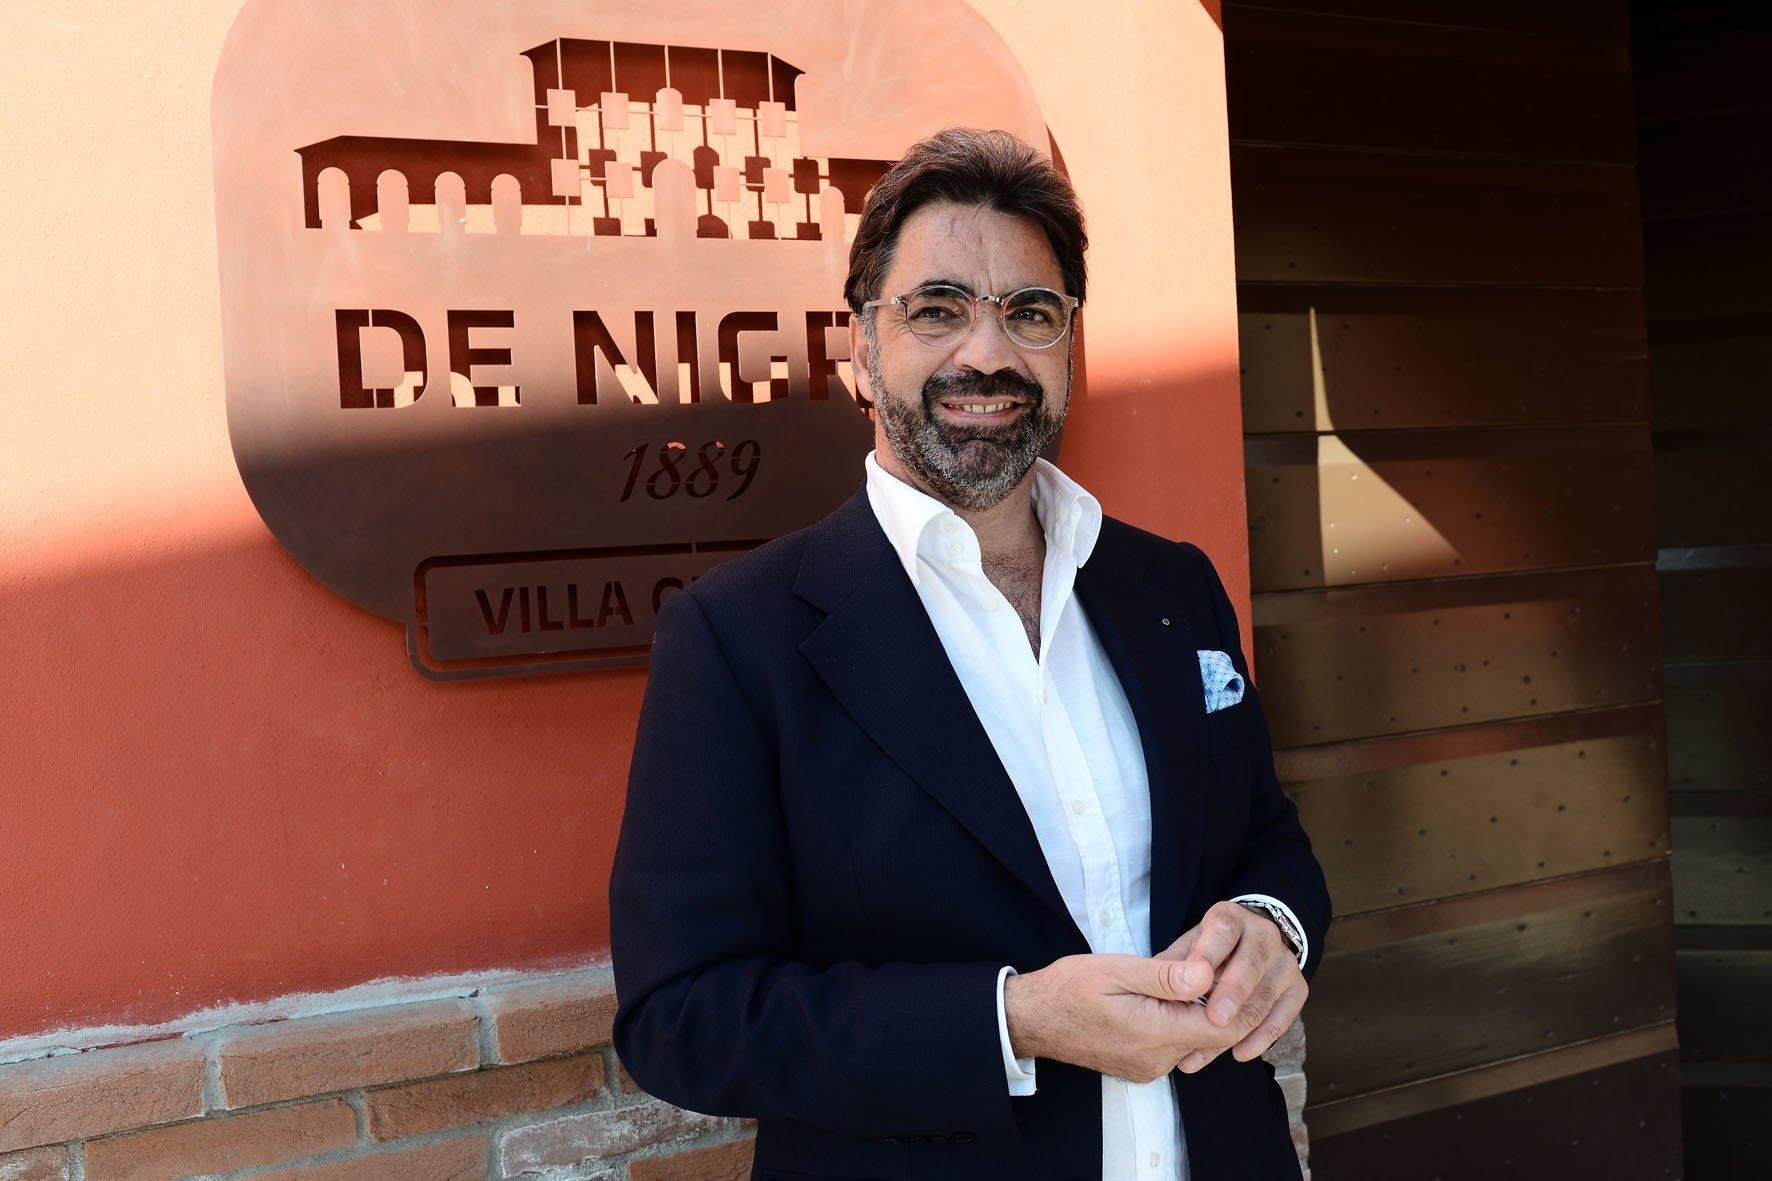 Commissione europea per la salute pubblica e la sicurezza alimentare, Armando De Nigris nominato advisor